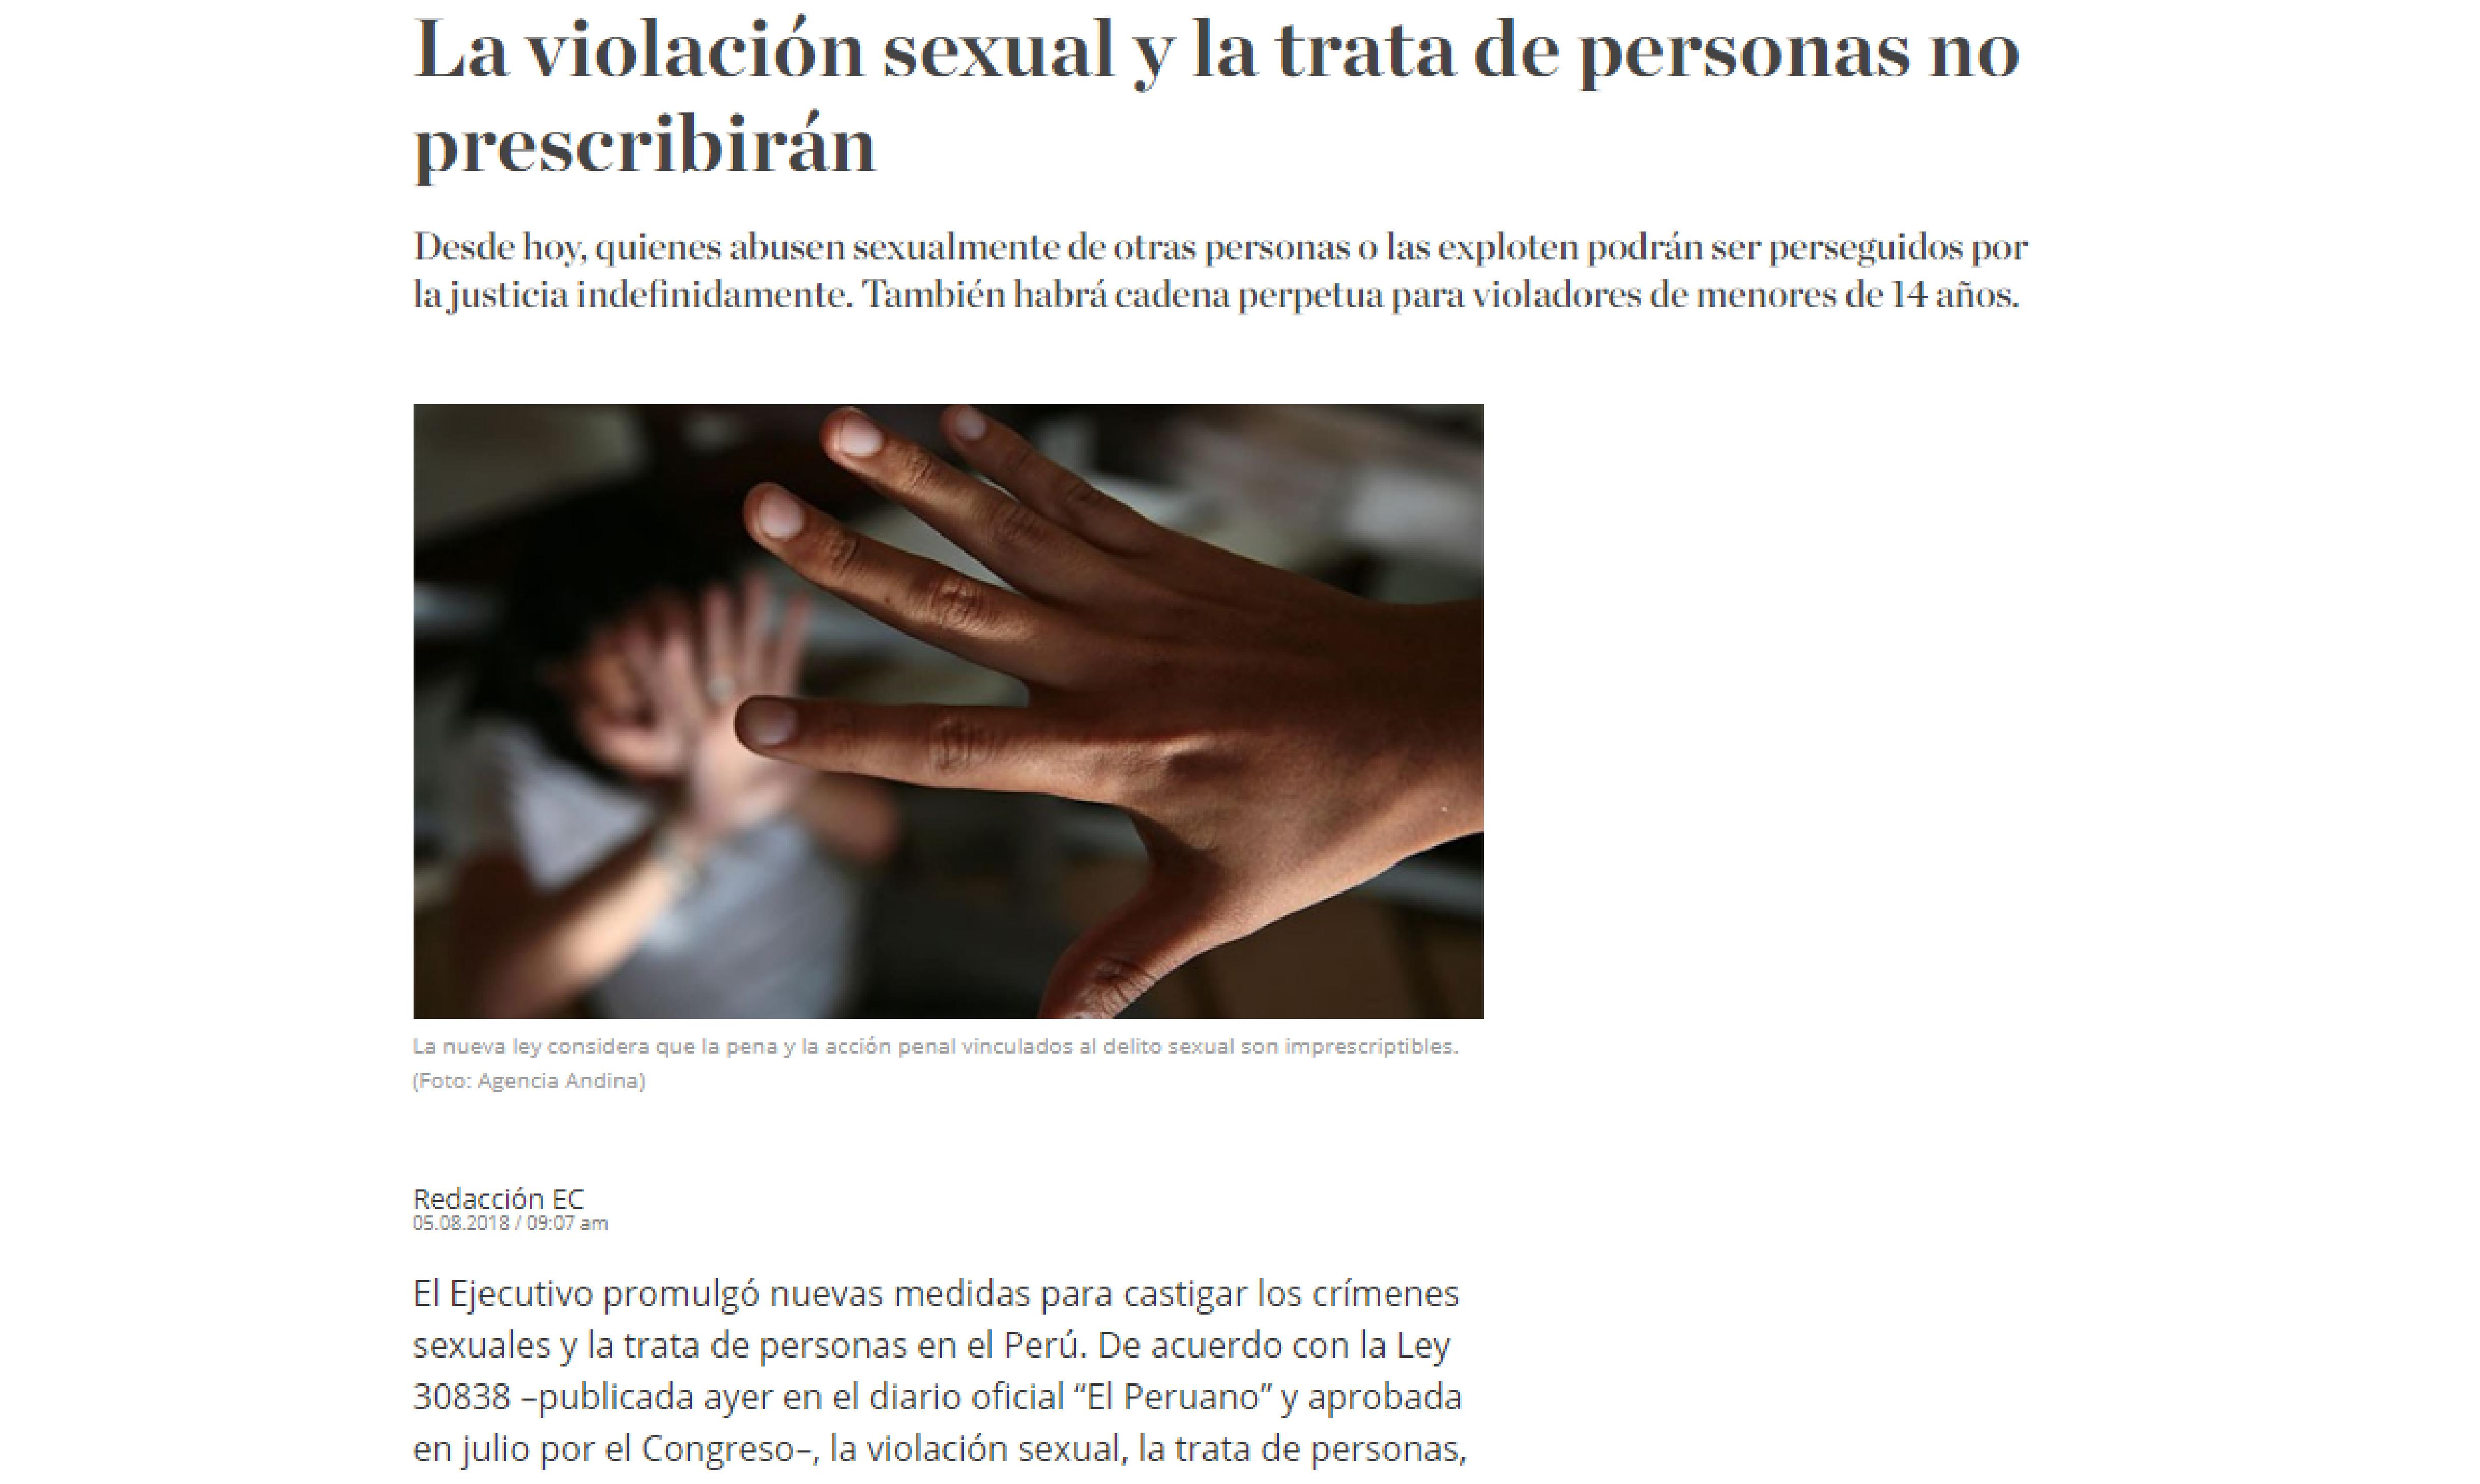 La violación sexual y la trata de personas no prescribirán